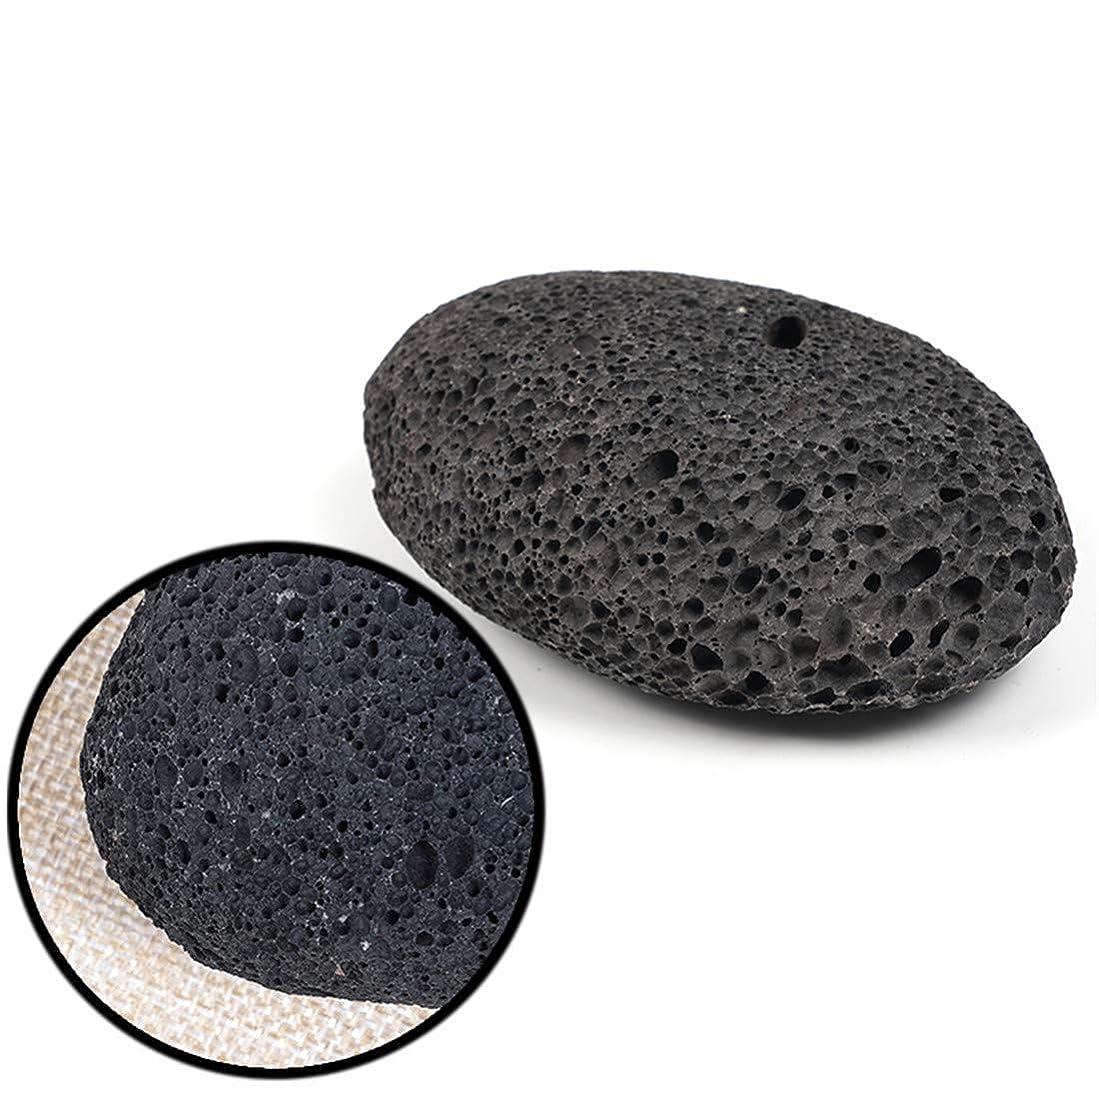 成熟したばかげた体細胞天然溶岩軽石火山岩石スクラブデッドスキンカルスリムーバーケアフットスキンケアツール